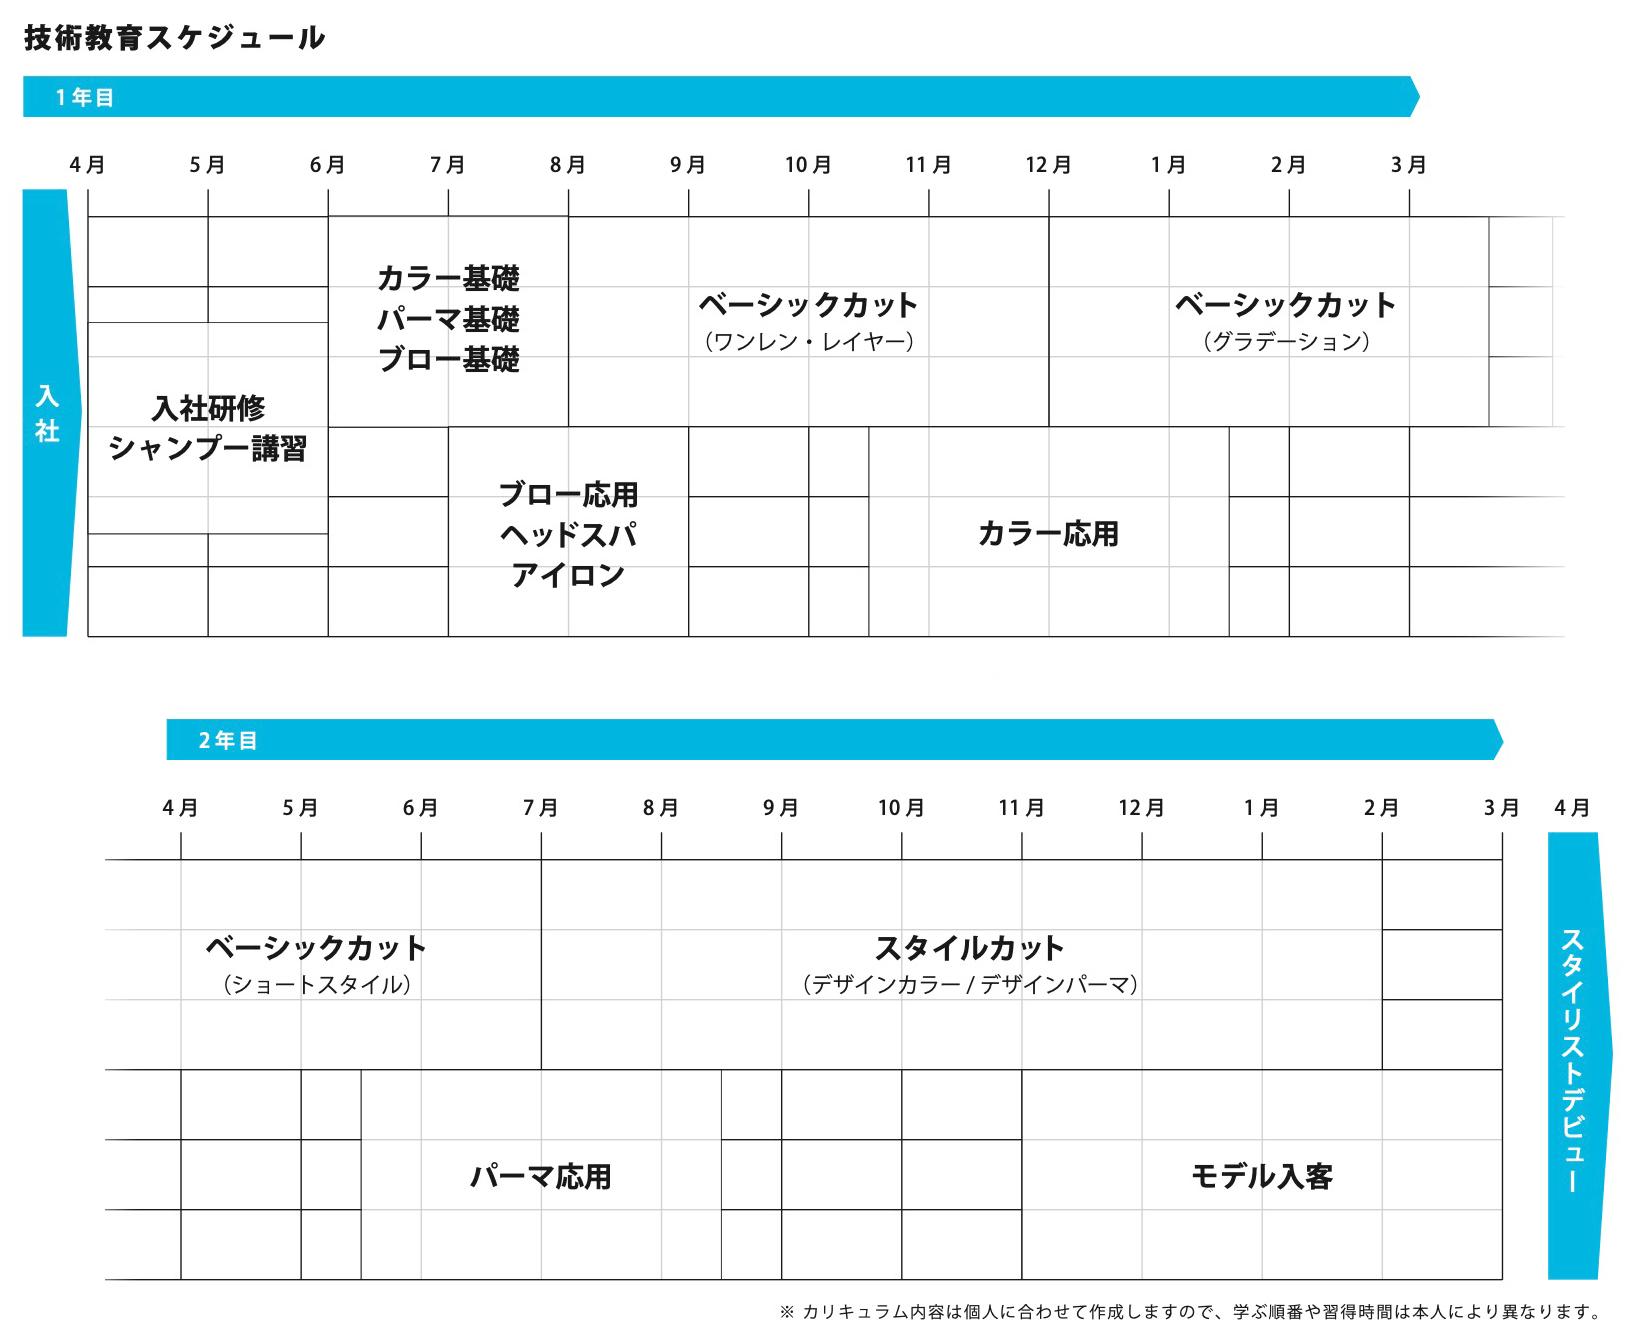 技術教育スケジュール